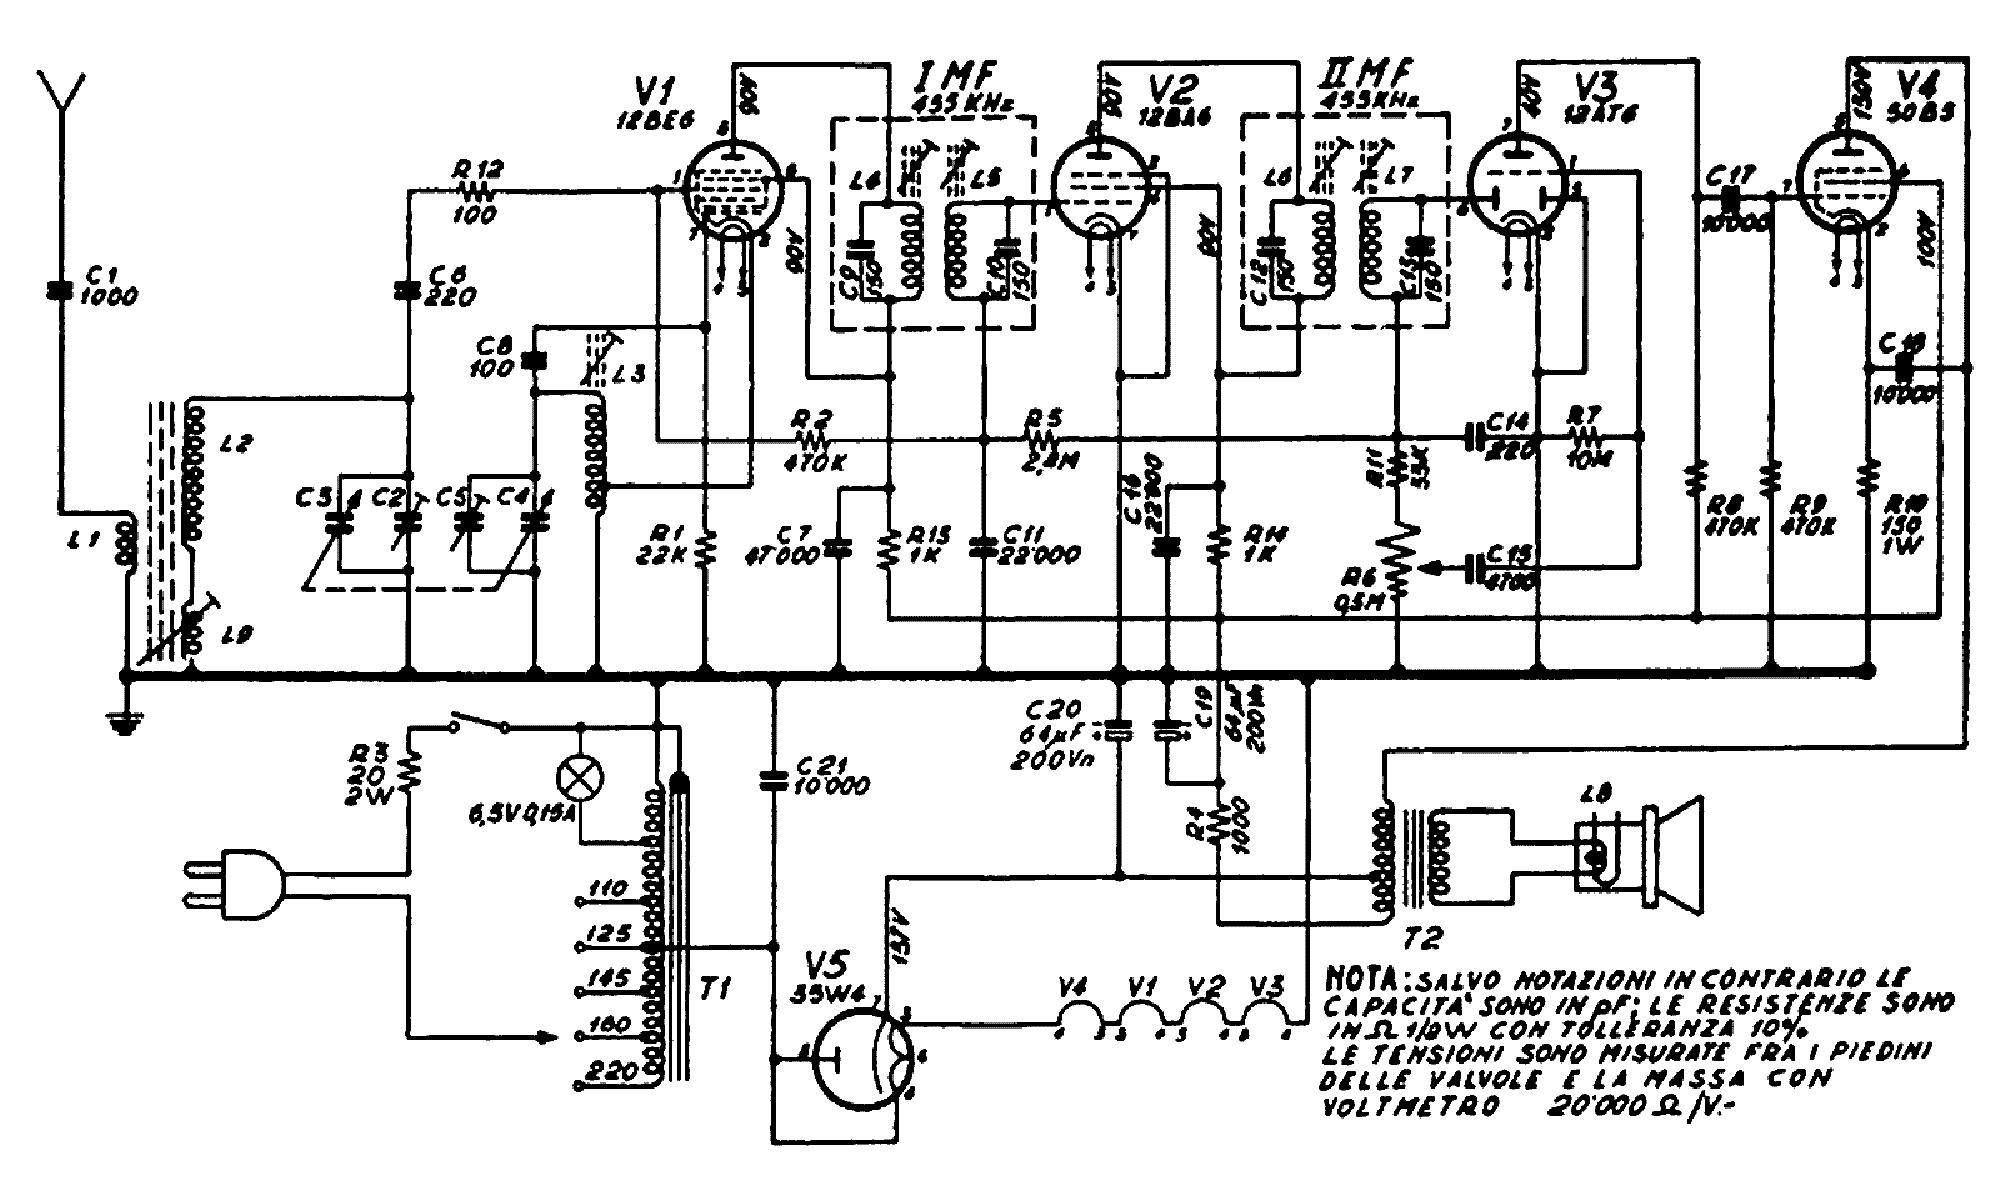 yamaha rd 200 wiring diagram f350 super duty diesel fuse